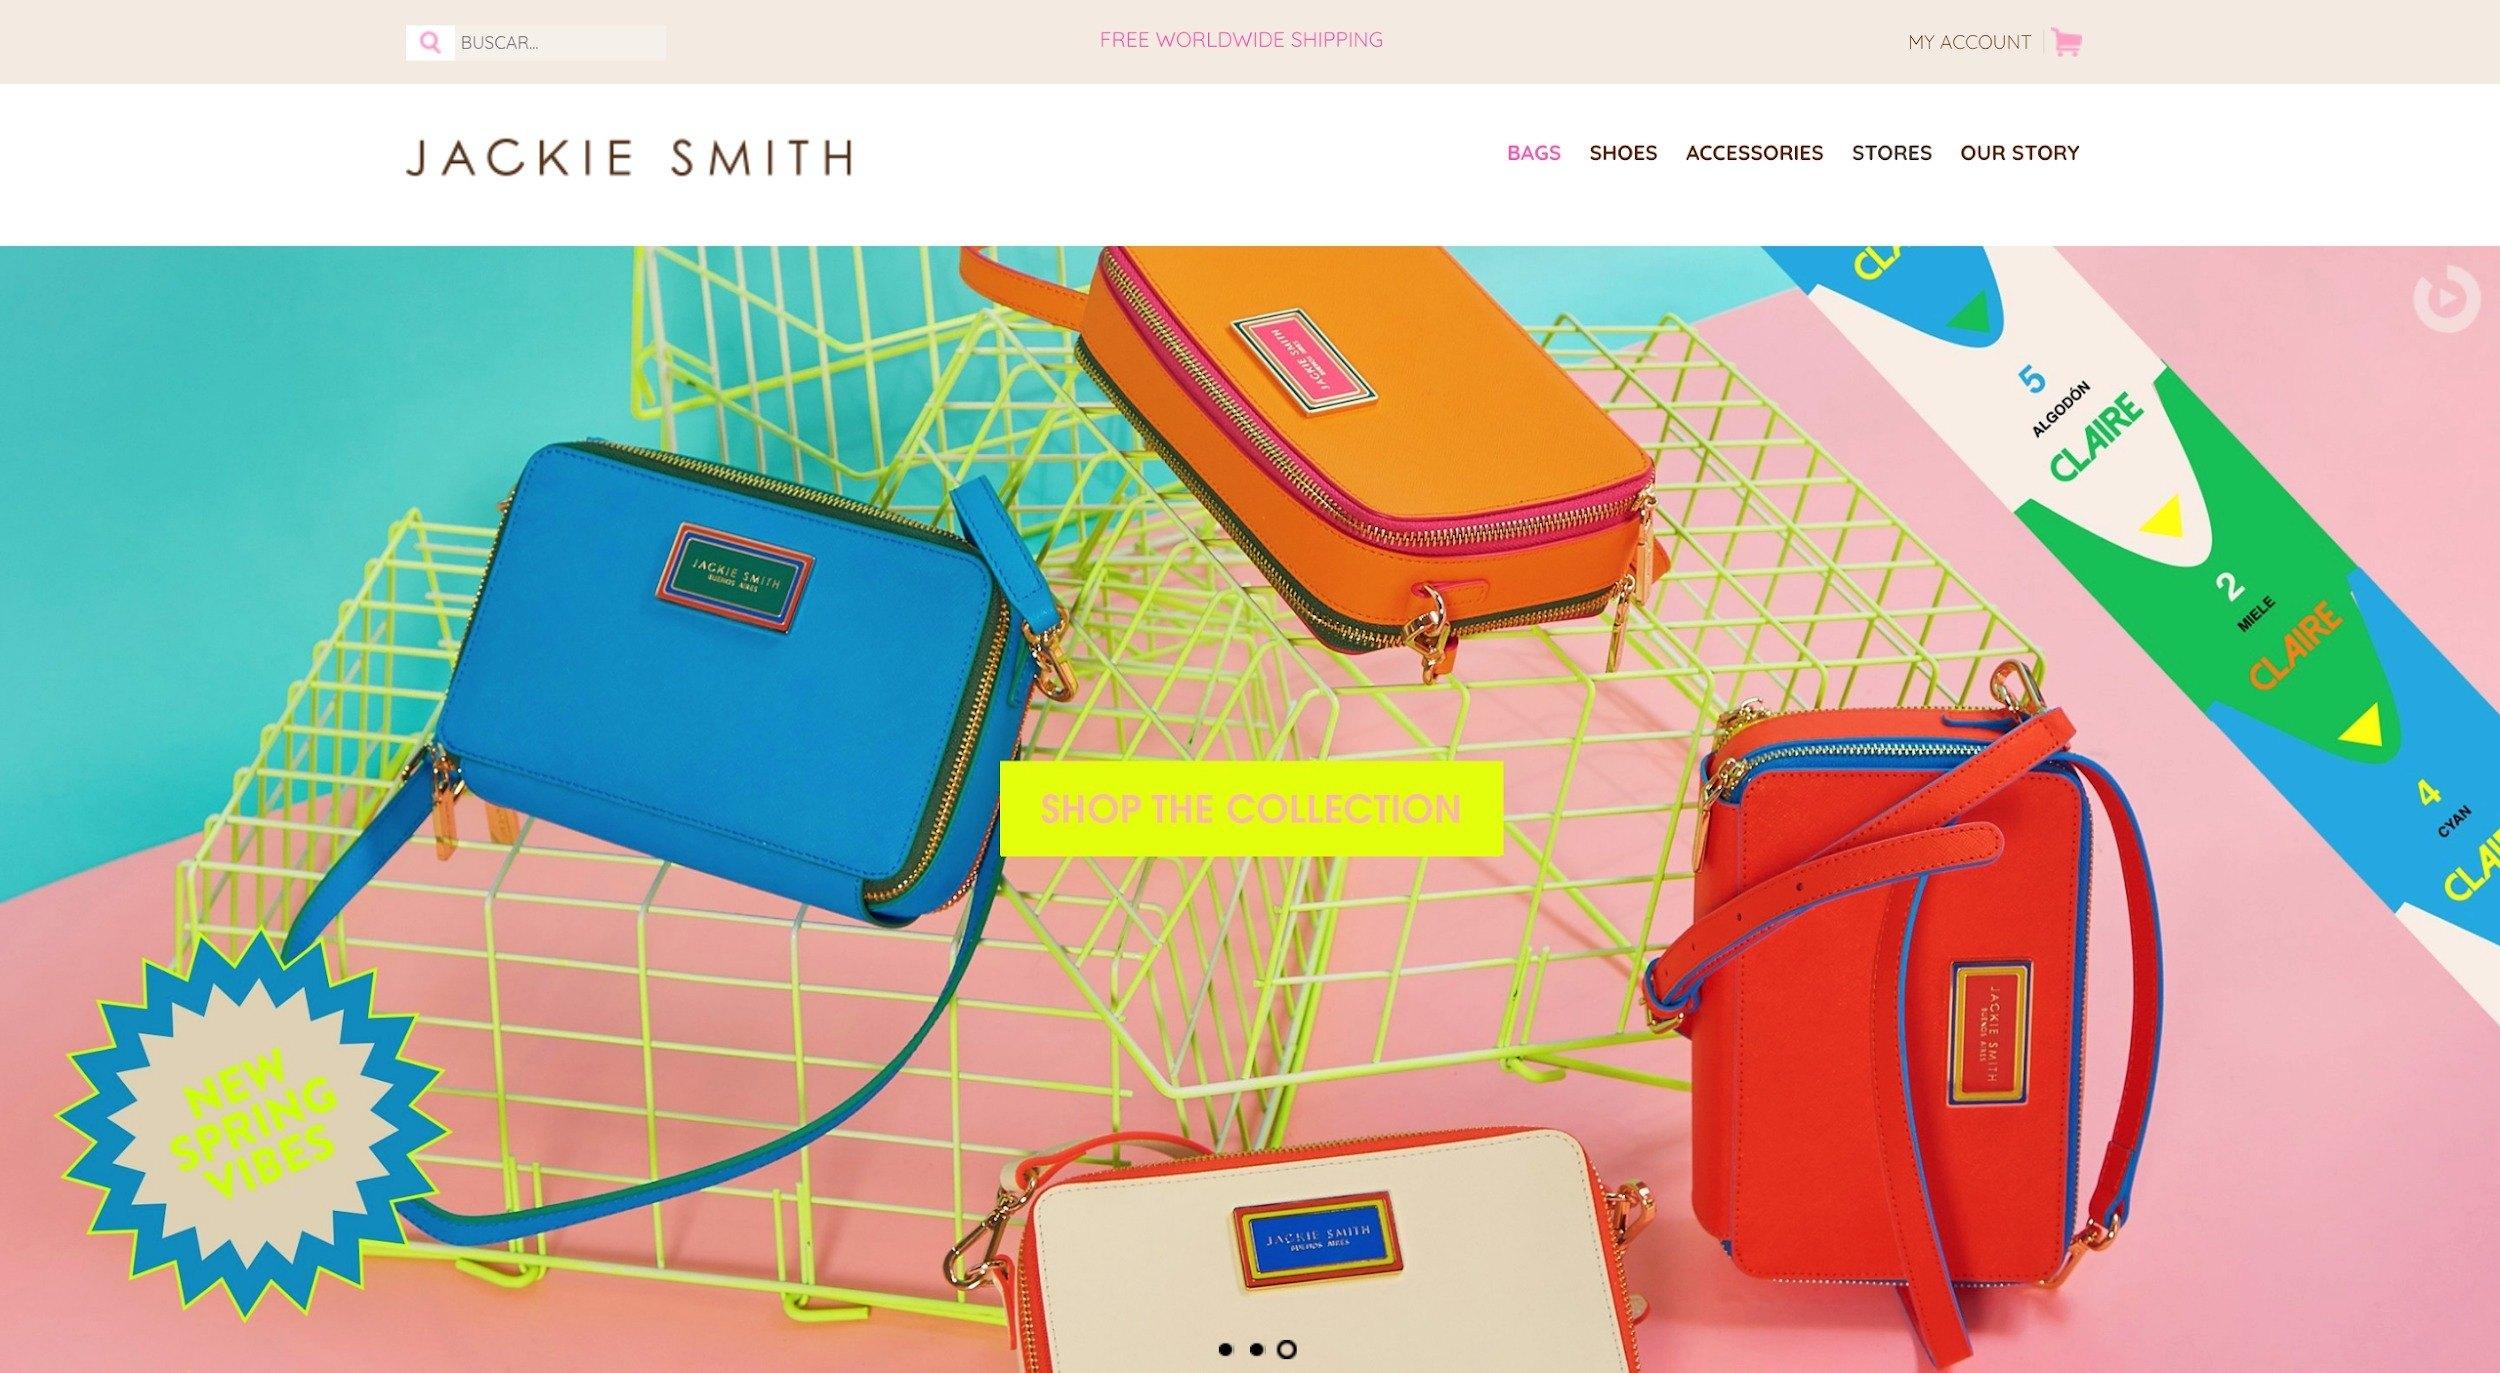 jackie-smith-shopify-website